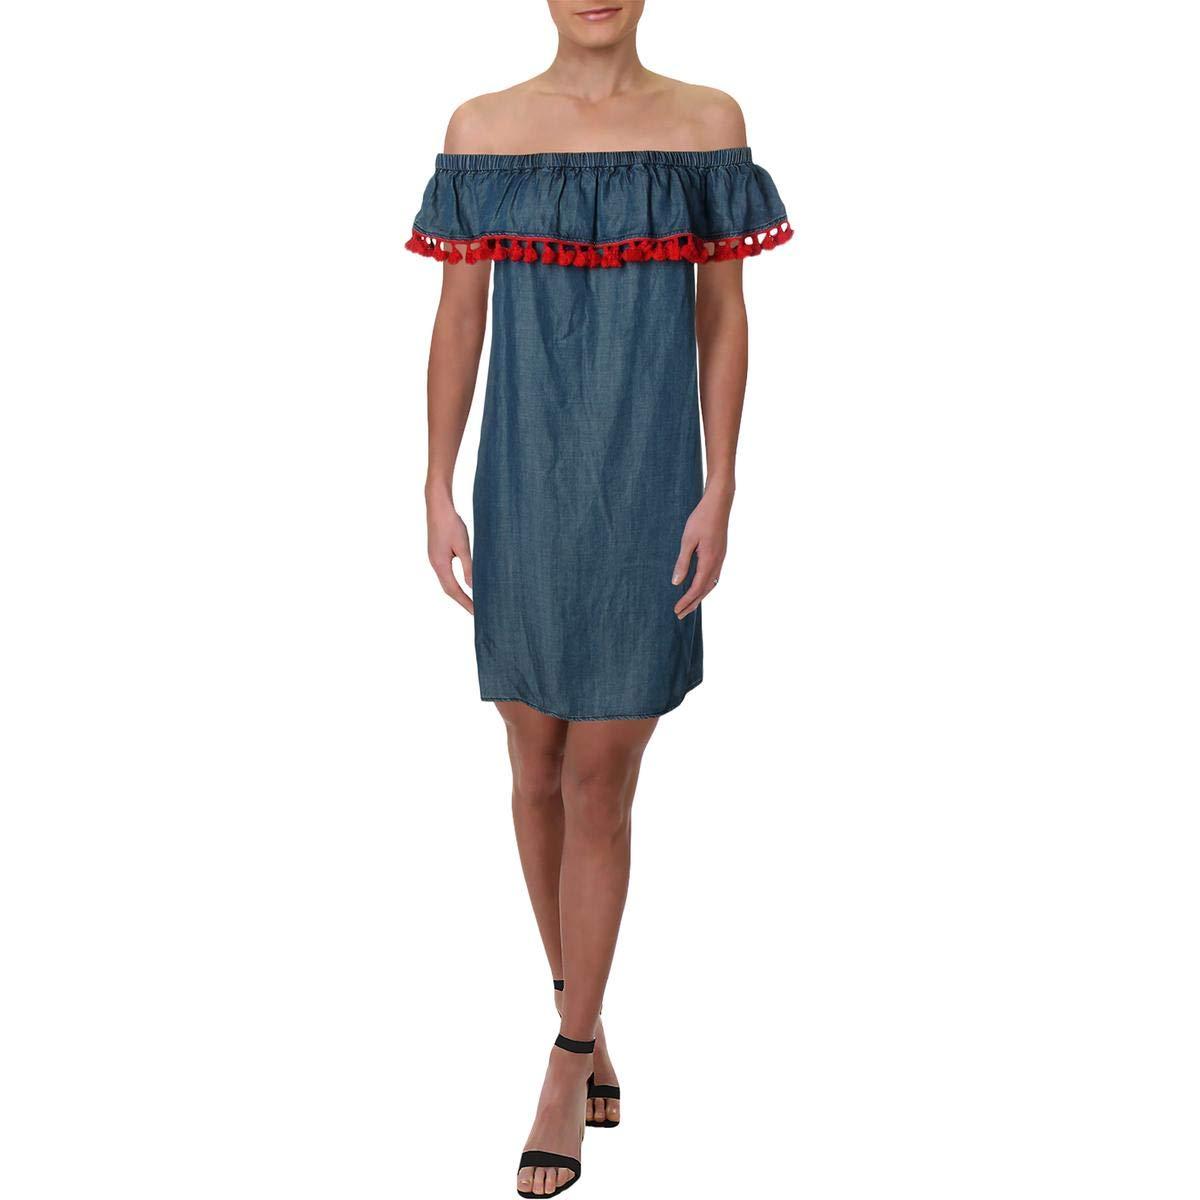 Indigo Red Medium Aqua Womens Tencel Off-The-Shoulder Mini Dress